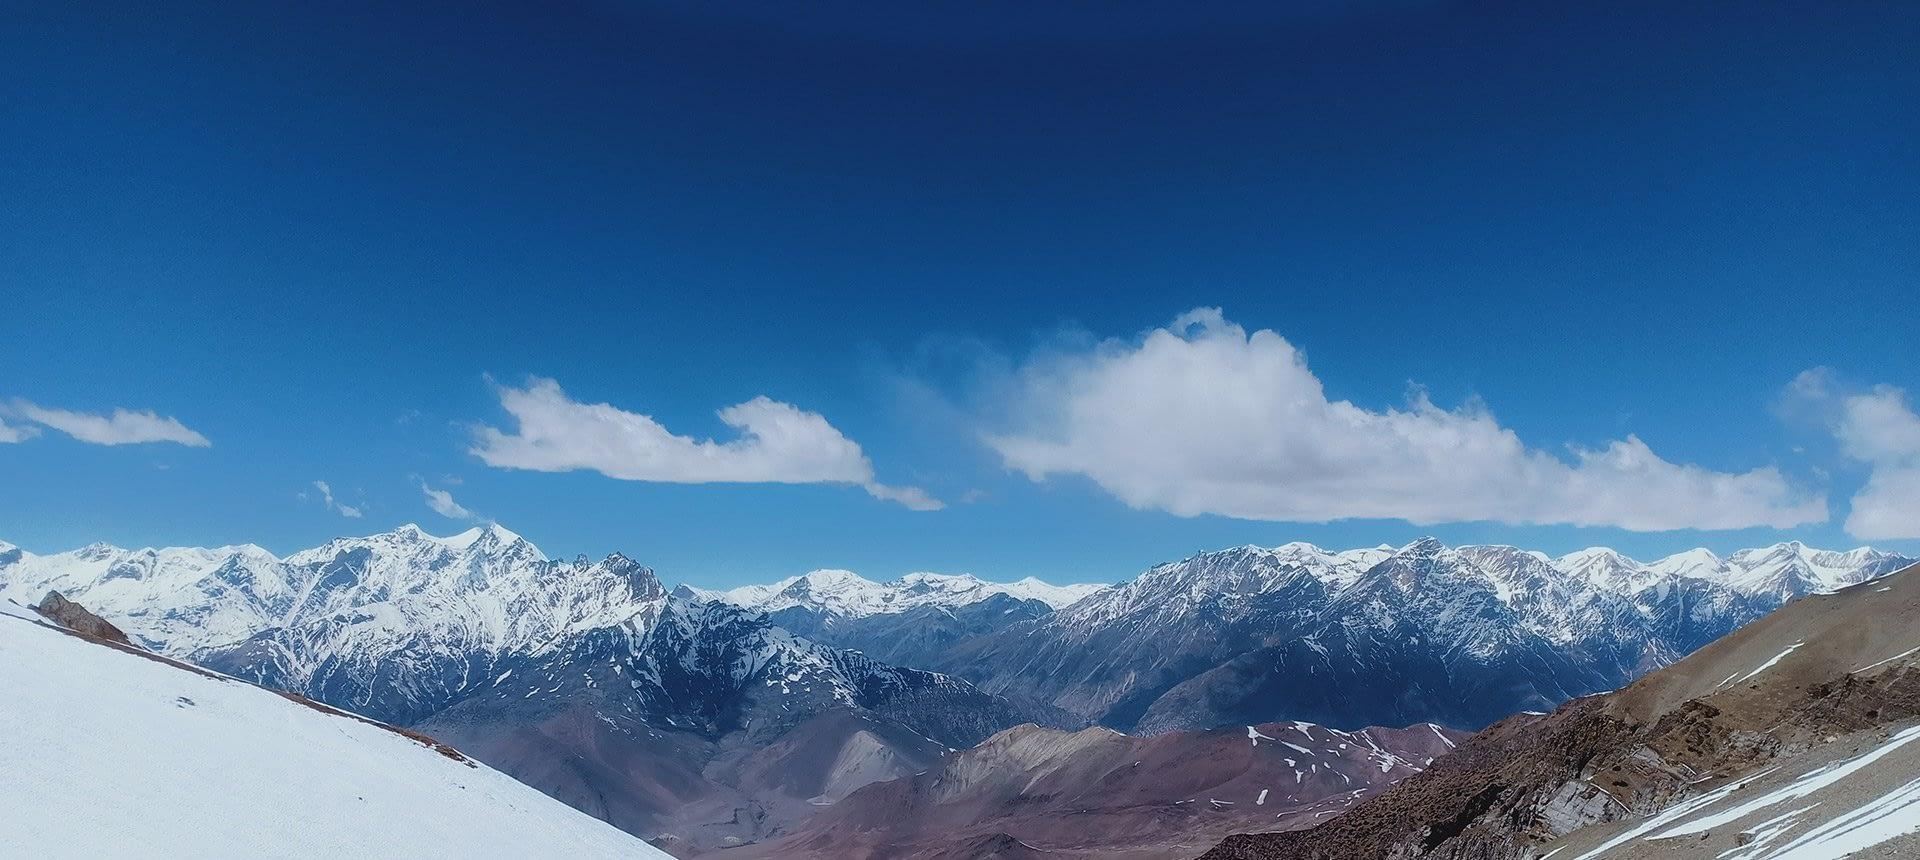 Film Fixer In Nepal - Himalayan Fixer